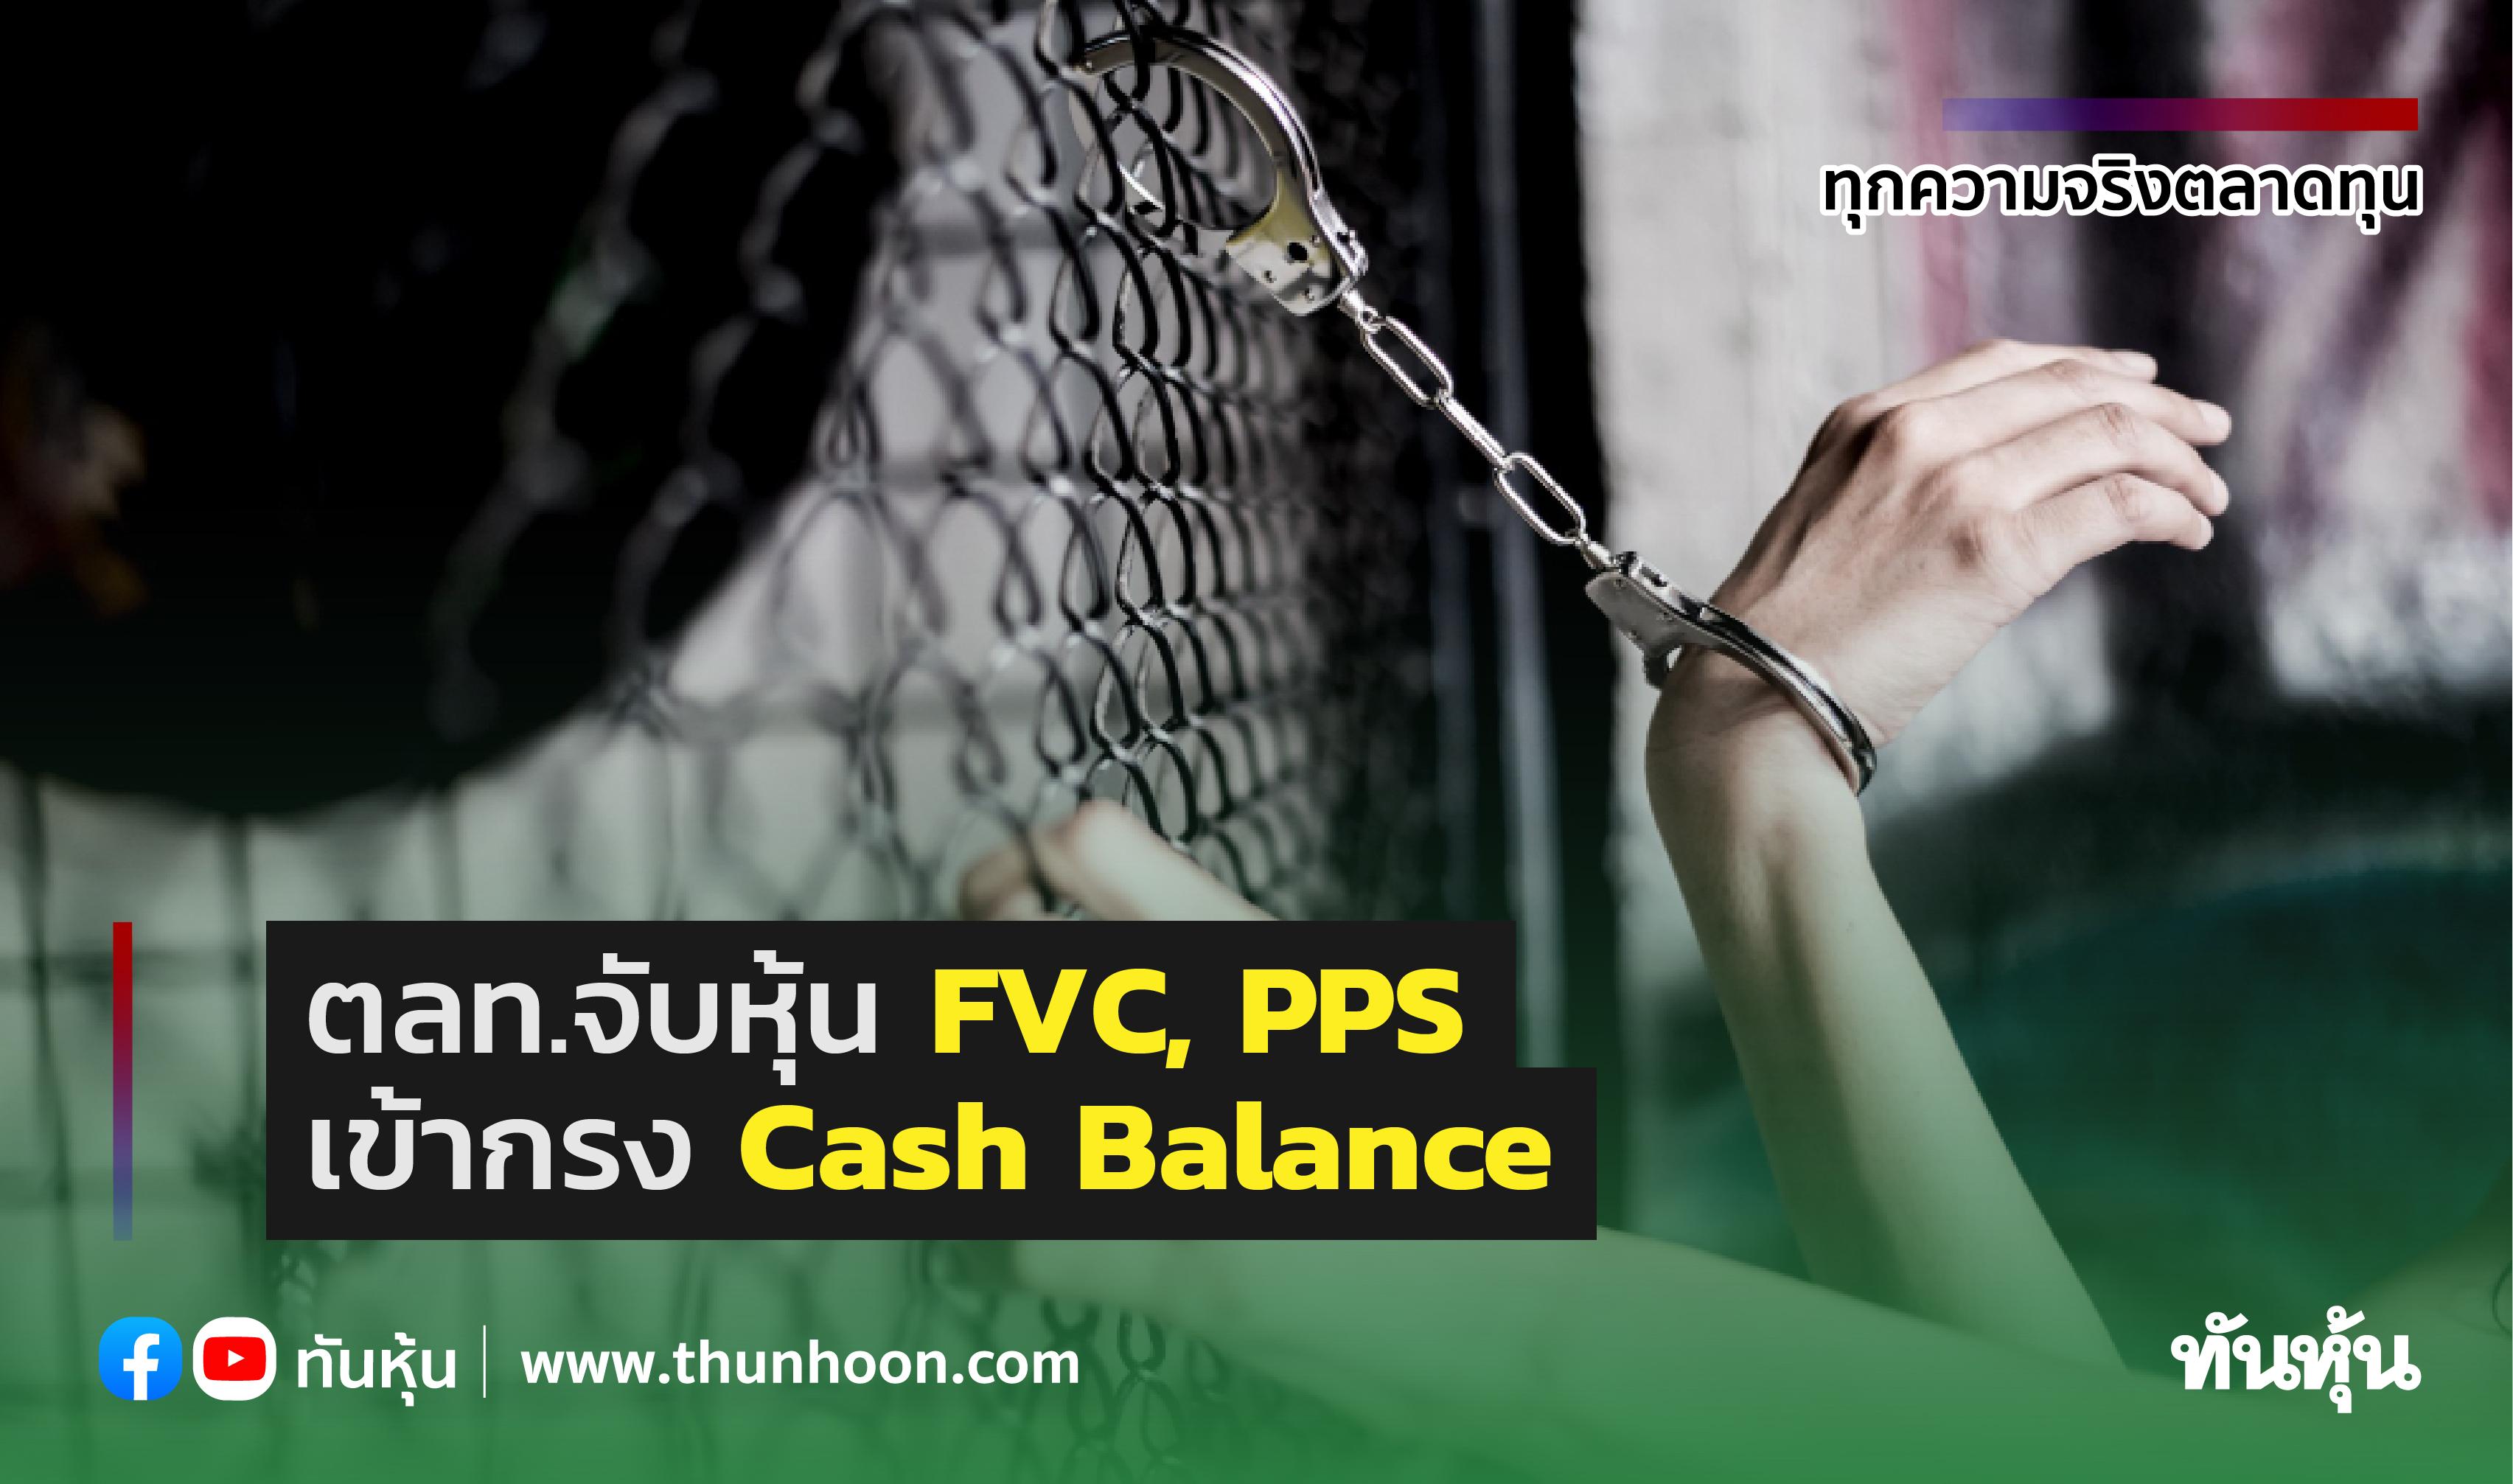 ตลท.จับหุ้น FVC, PPS เข้ากรง Cash Balance